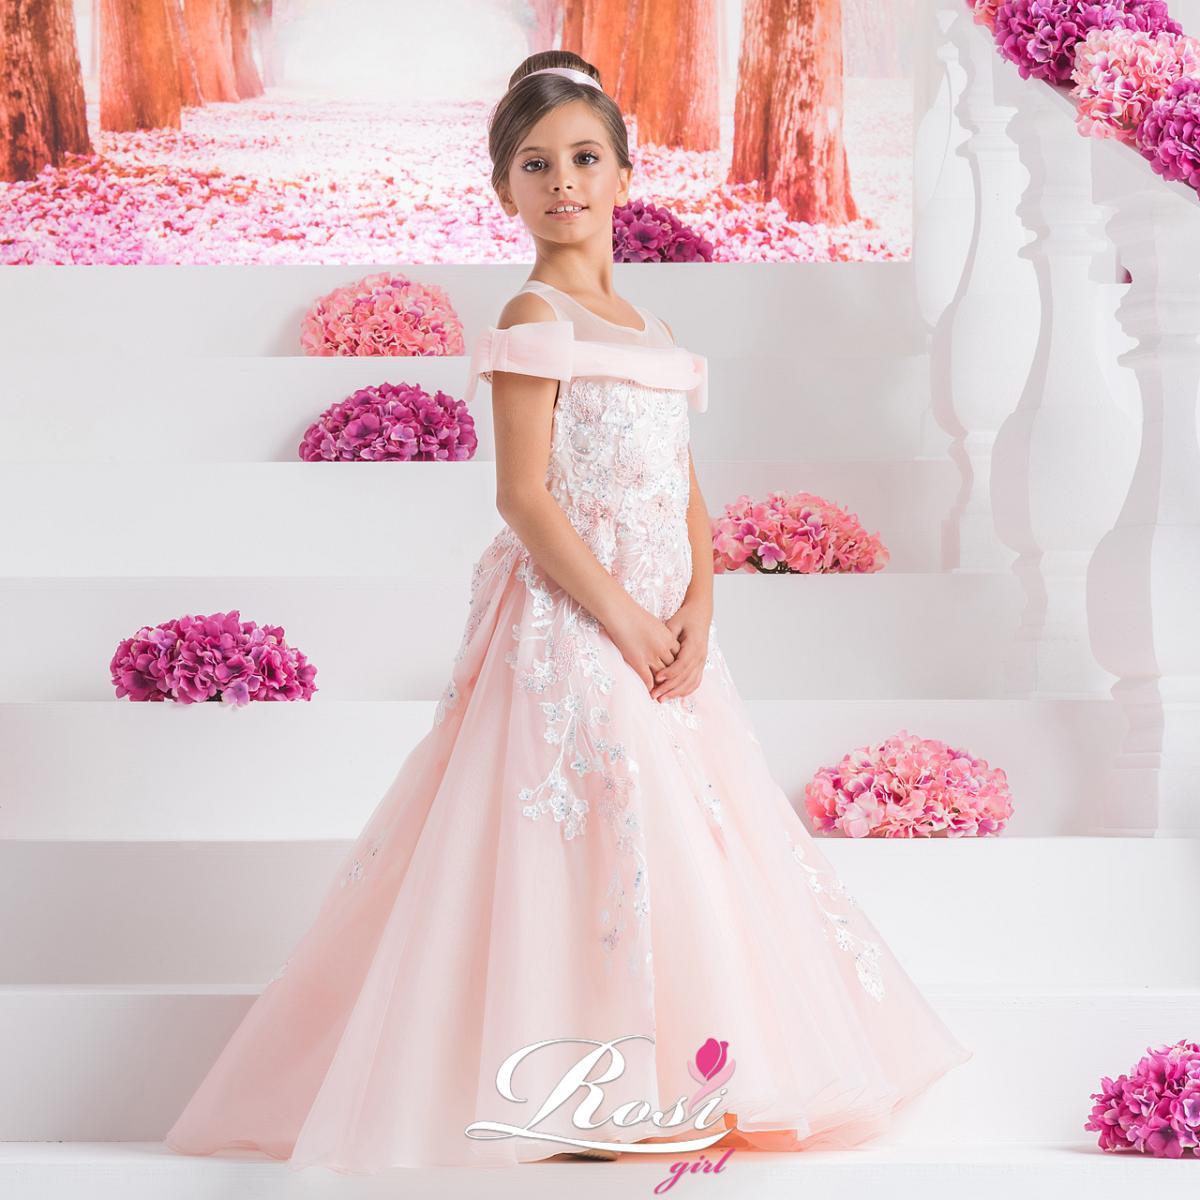 celli-spose-collezione-bambini-2019-rosi-girl-MY-002